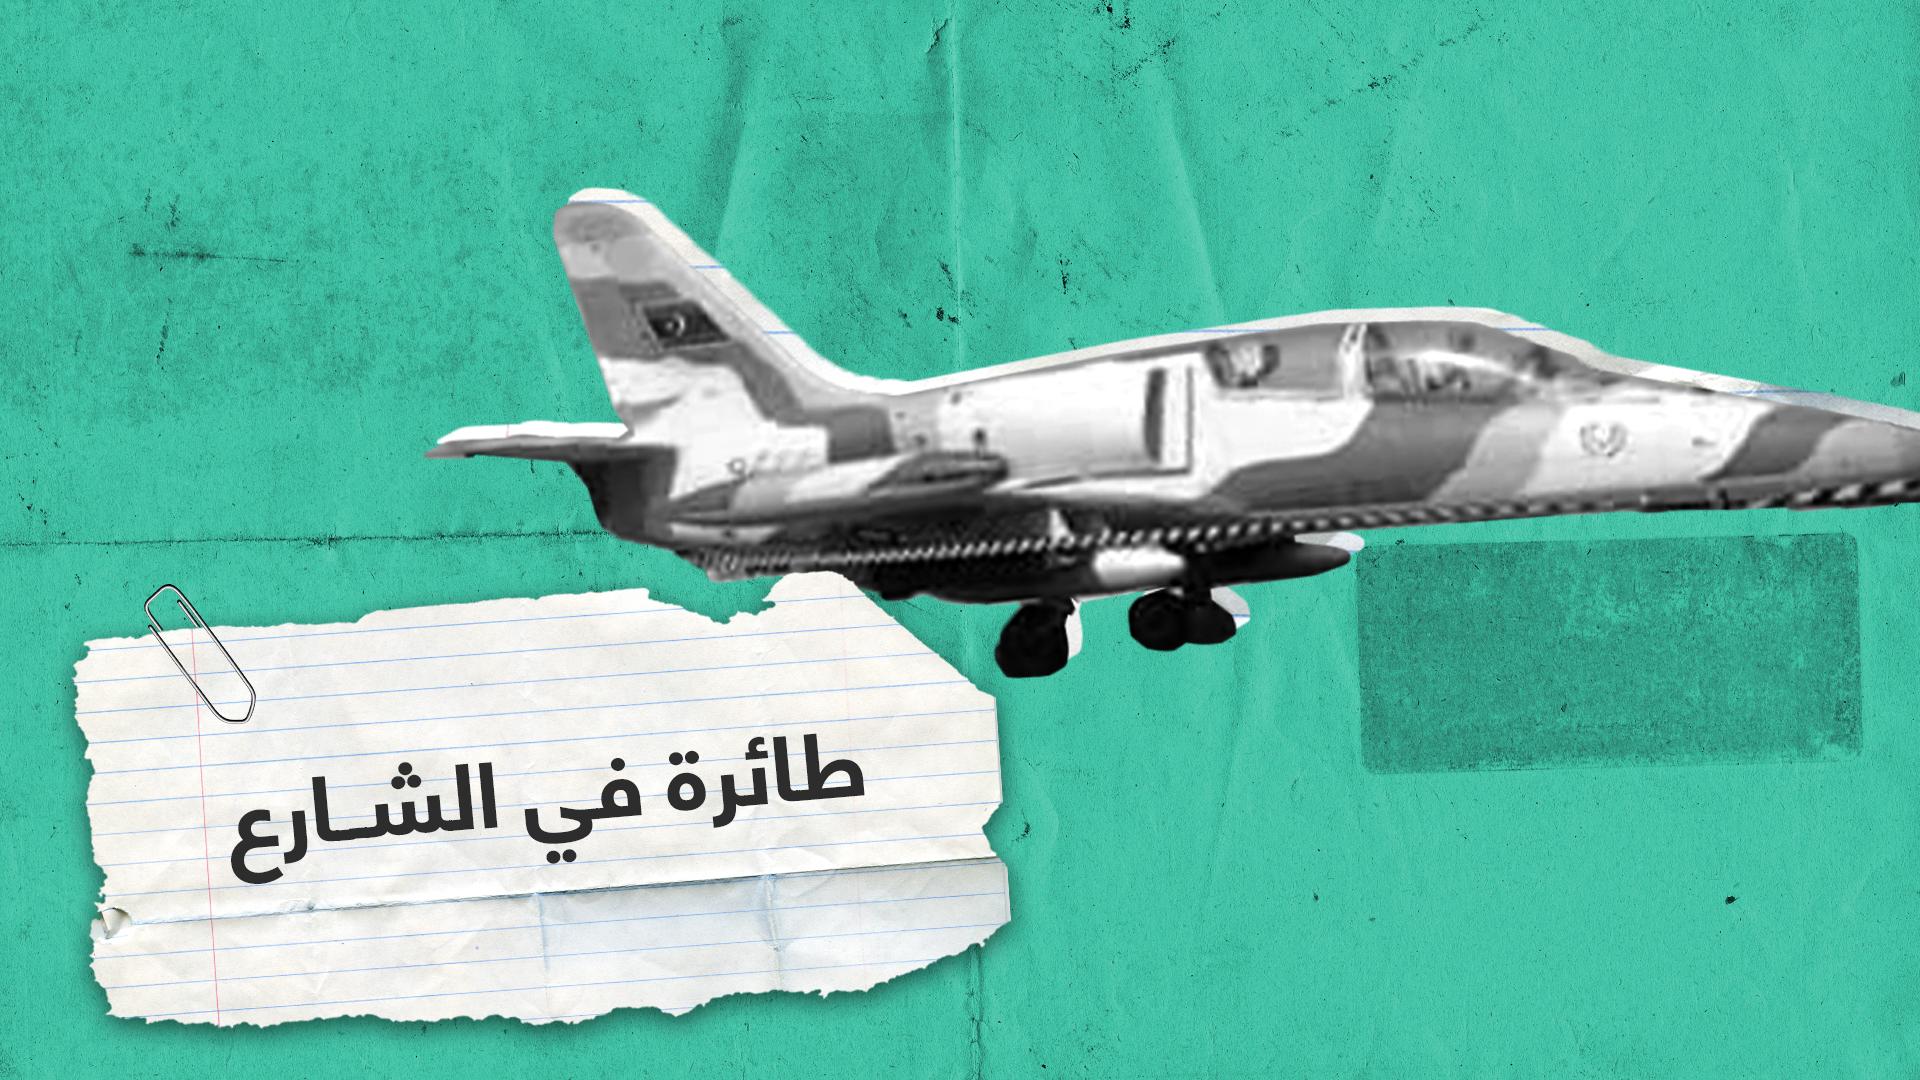 طائرة ليبية هبطت في تونس.. إليك القصة الكاملة